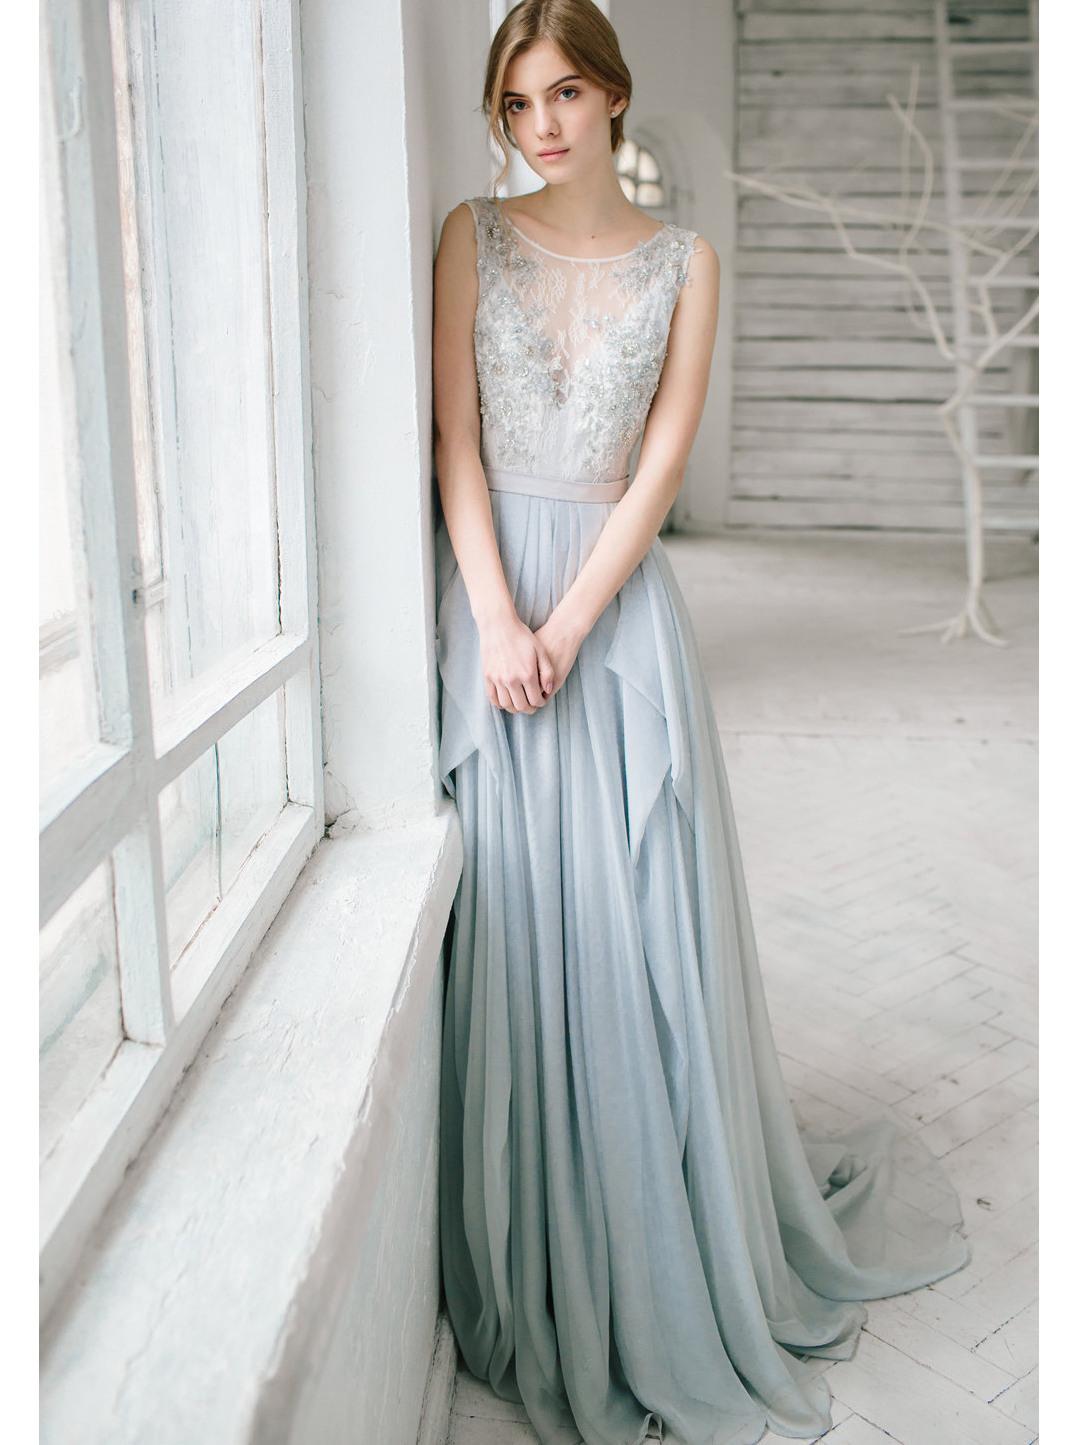 20 Cool Abendkleider Kurz Mit Spitze Bester Preis Wunderbar Abendkleider Kurz Mit Spitze Design